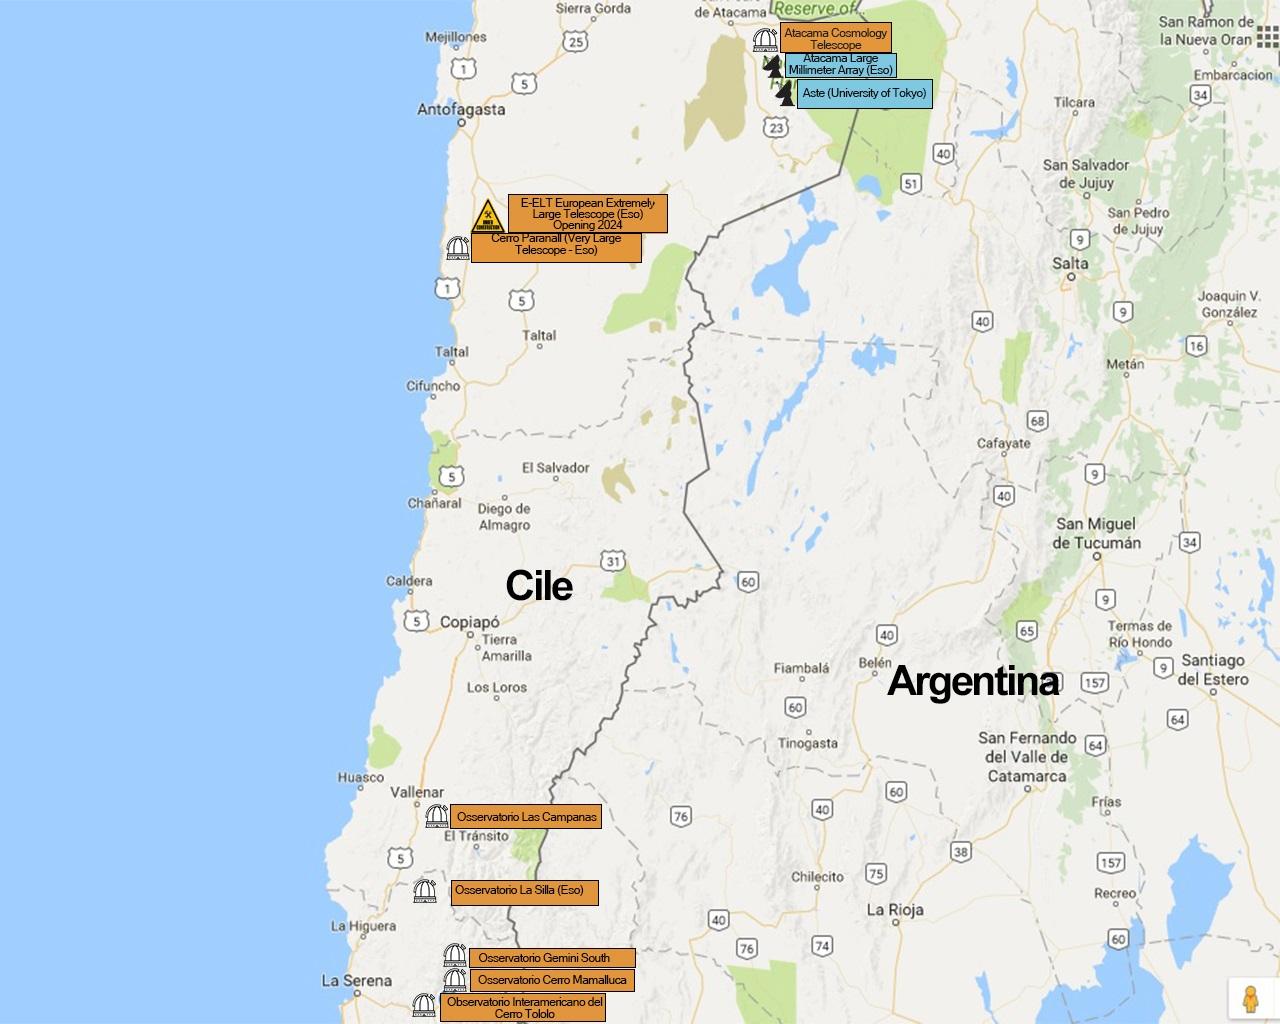 osservatori astronomici del Cile Mappa